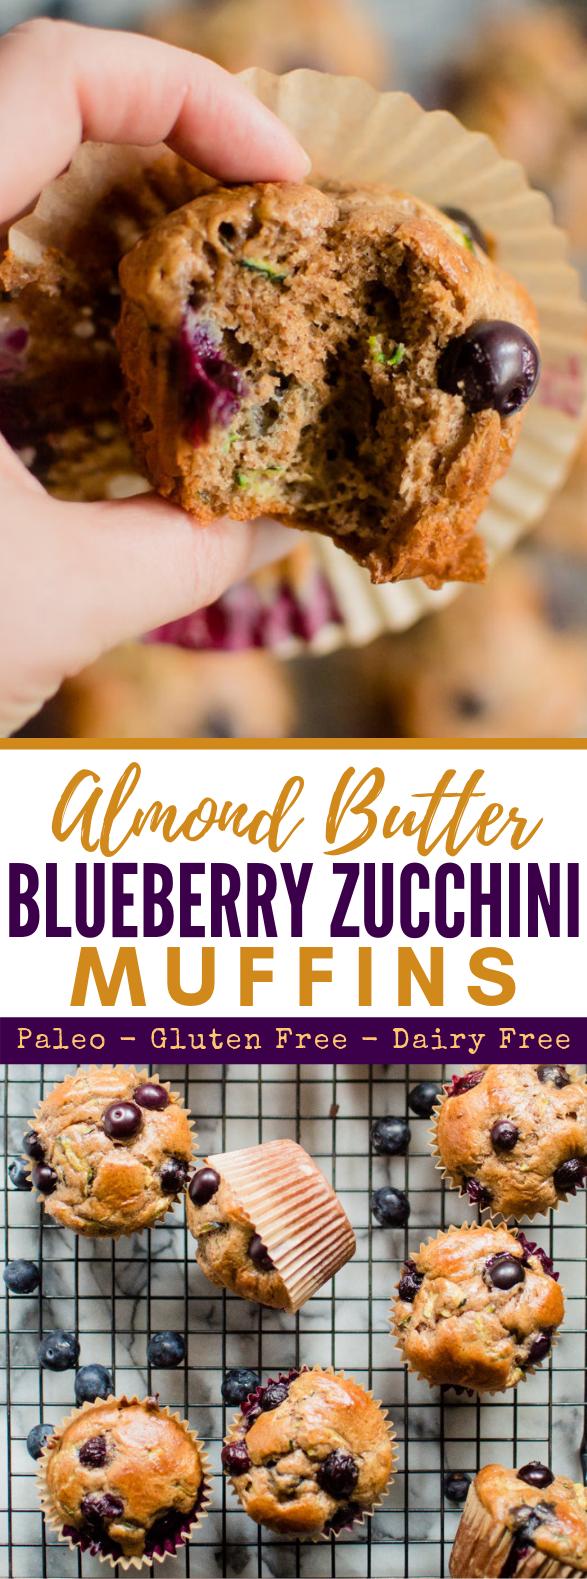 Almond Butter Blueberry Zucchini Muffins {Paleo, Gluten Free, Dairy-free} #healthydiet #keto